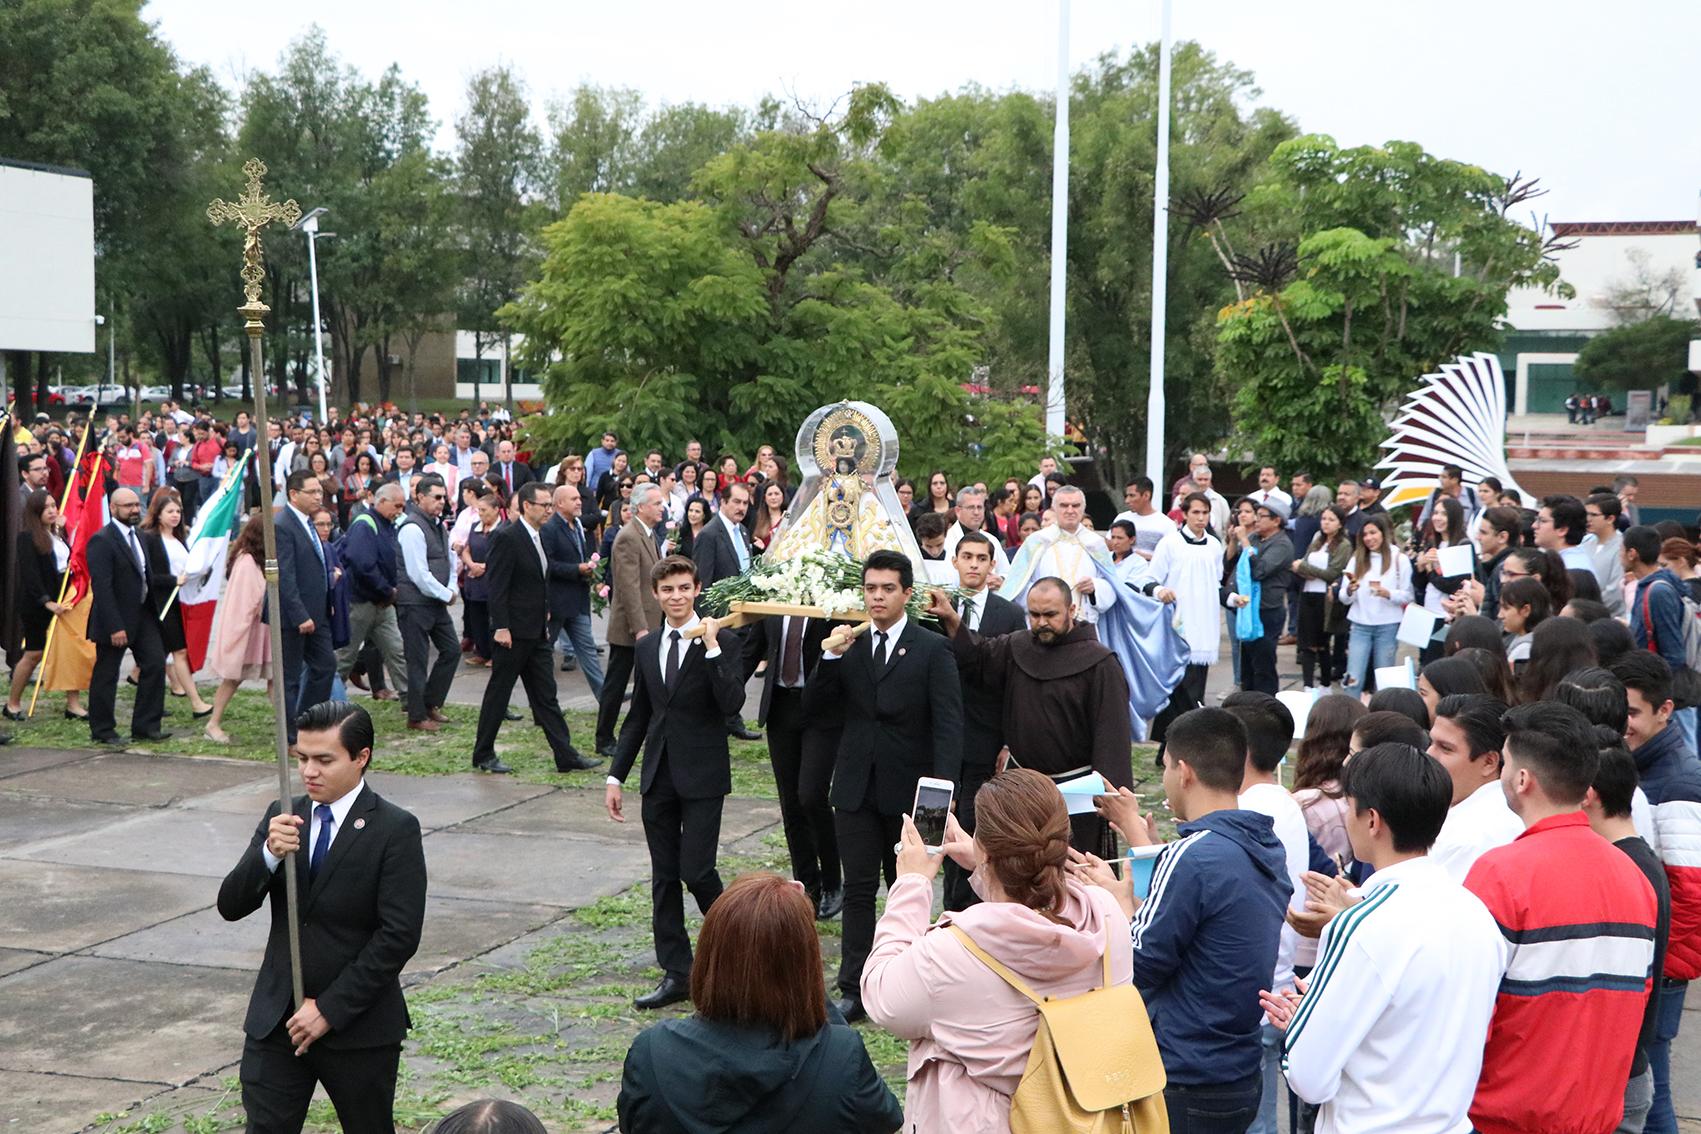 La procesión a su llegada a la rectoría de la UAG